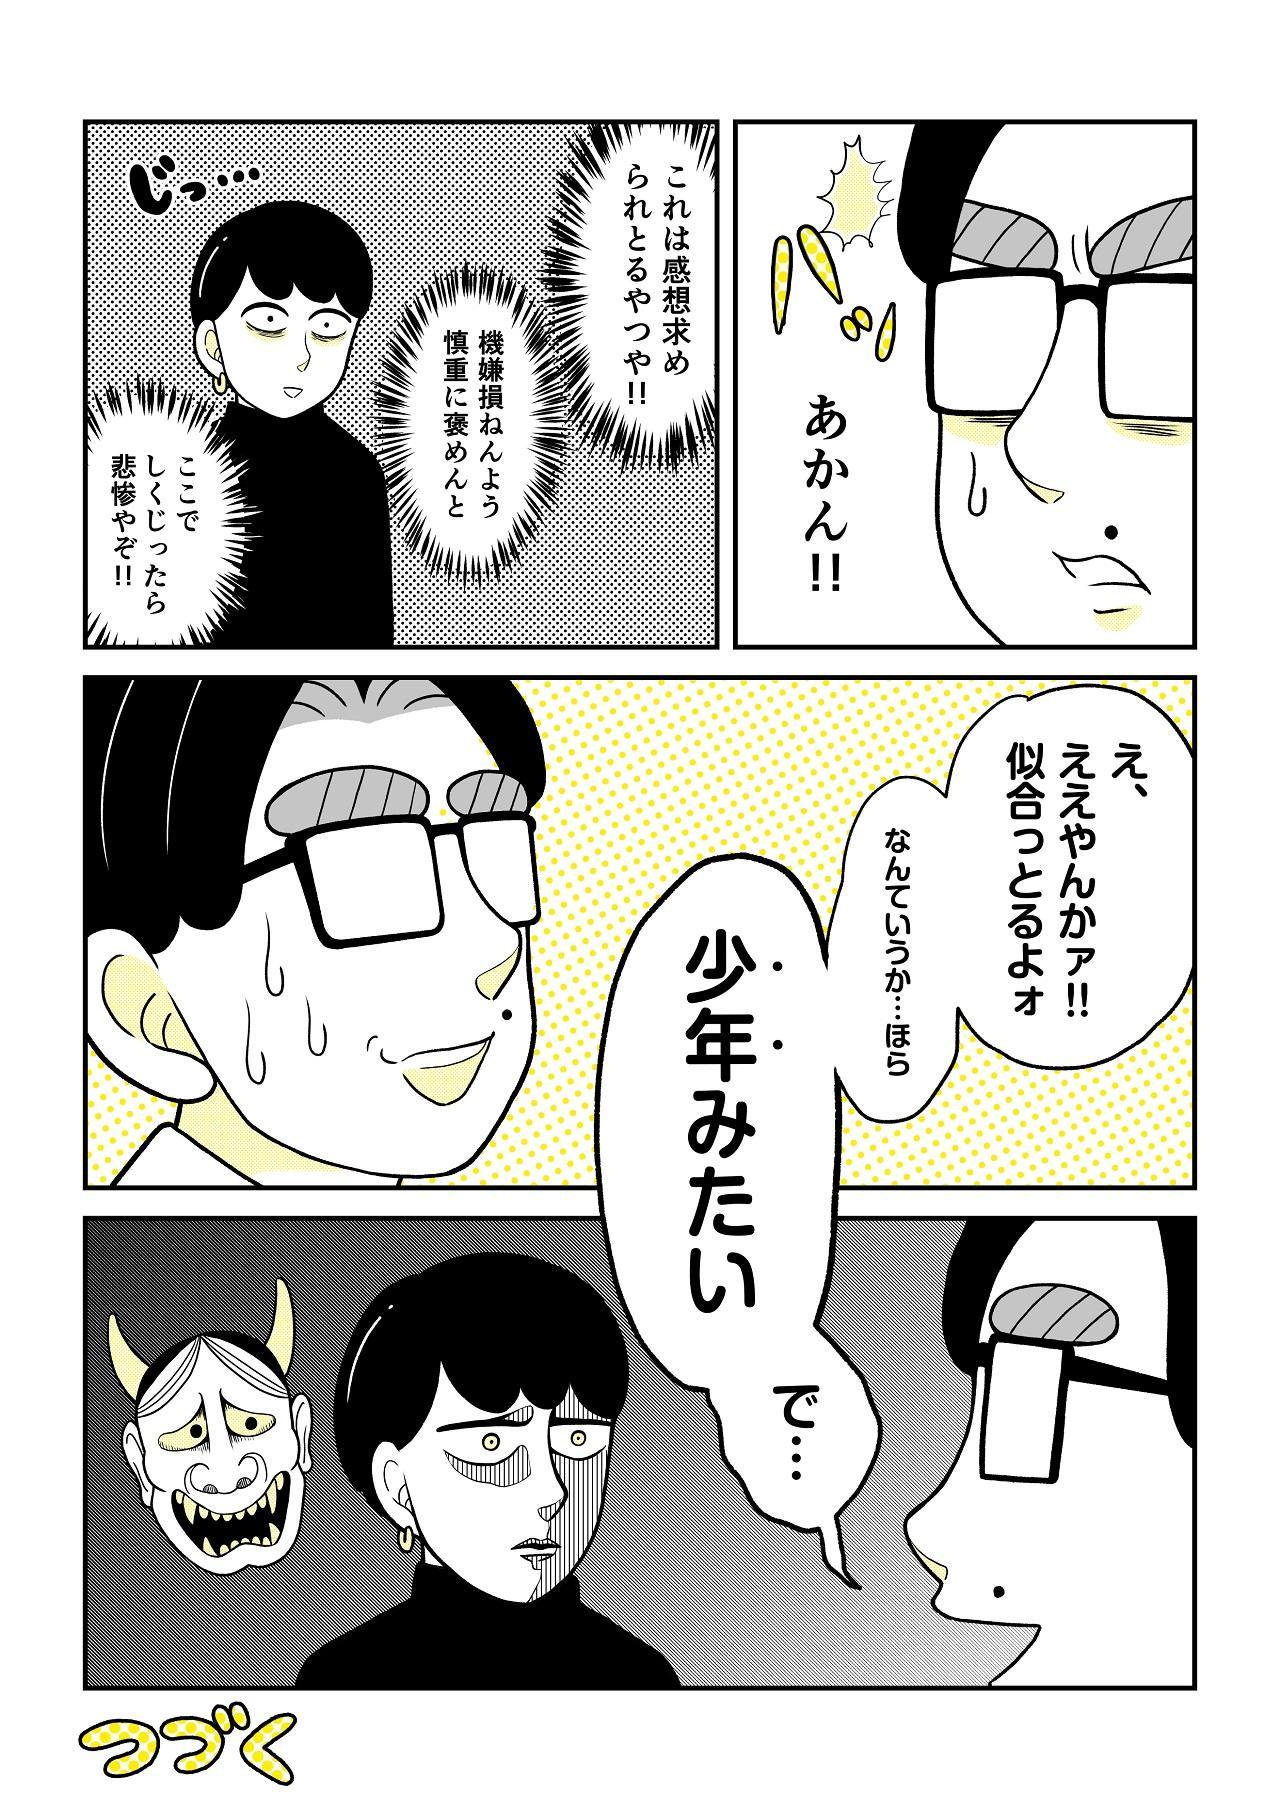 03_08_1280.jpg